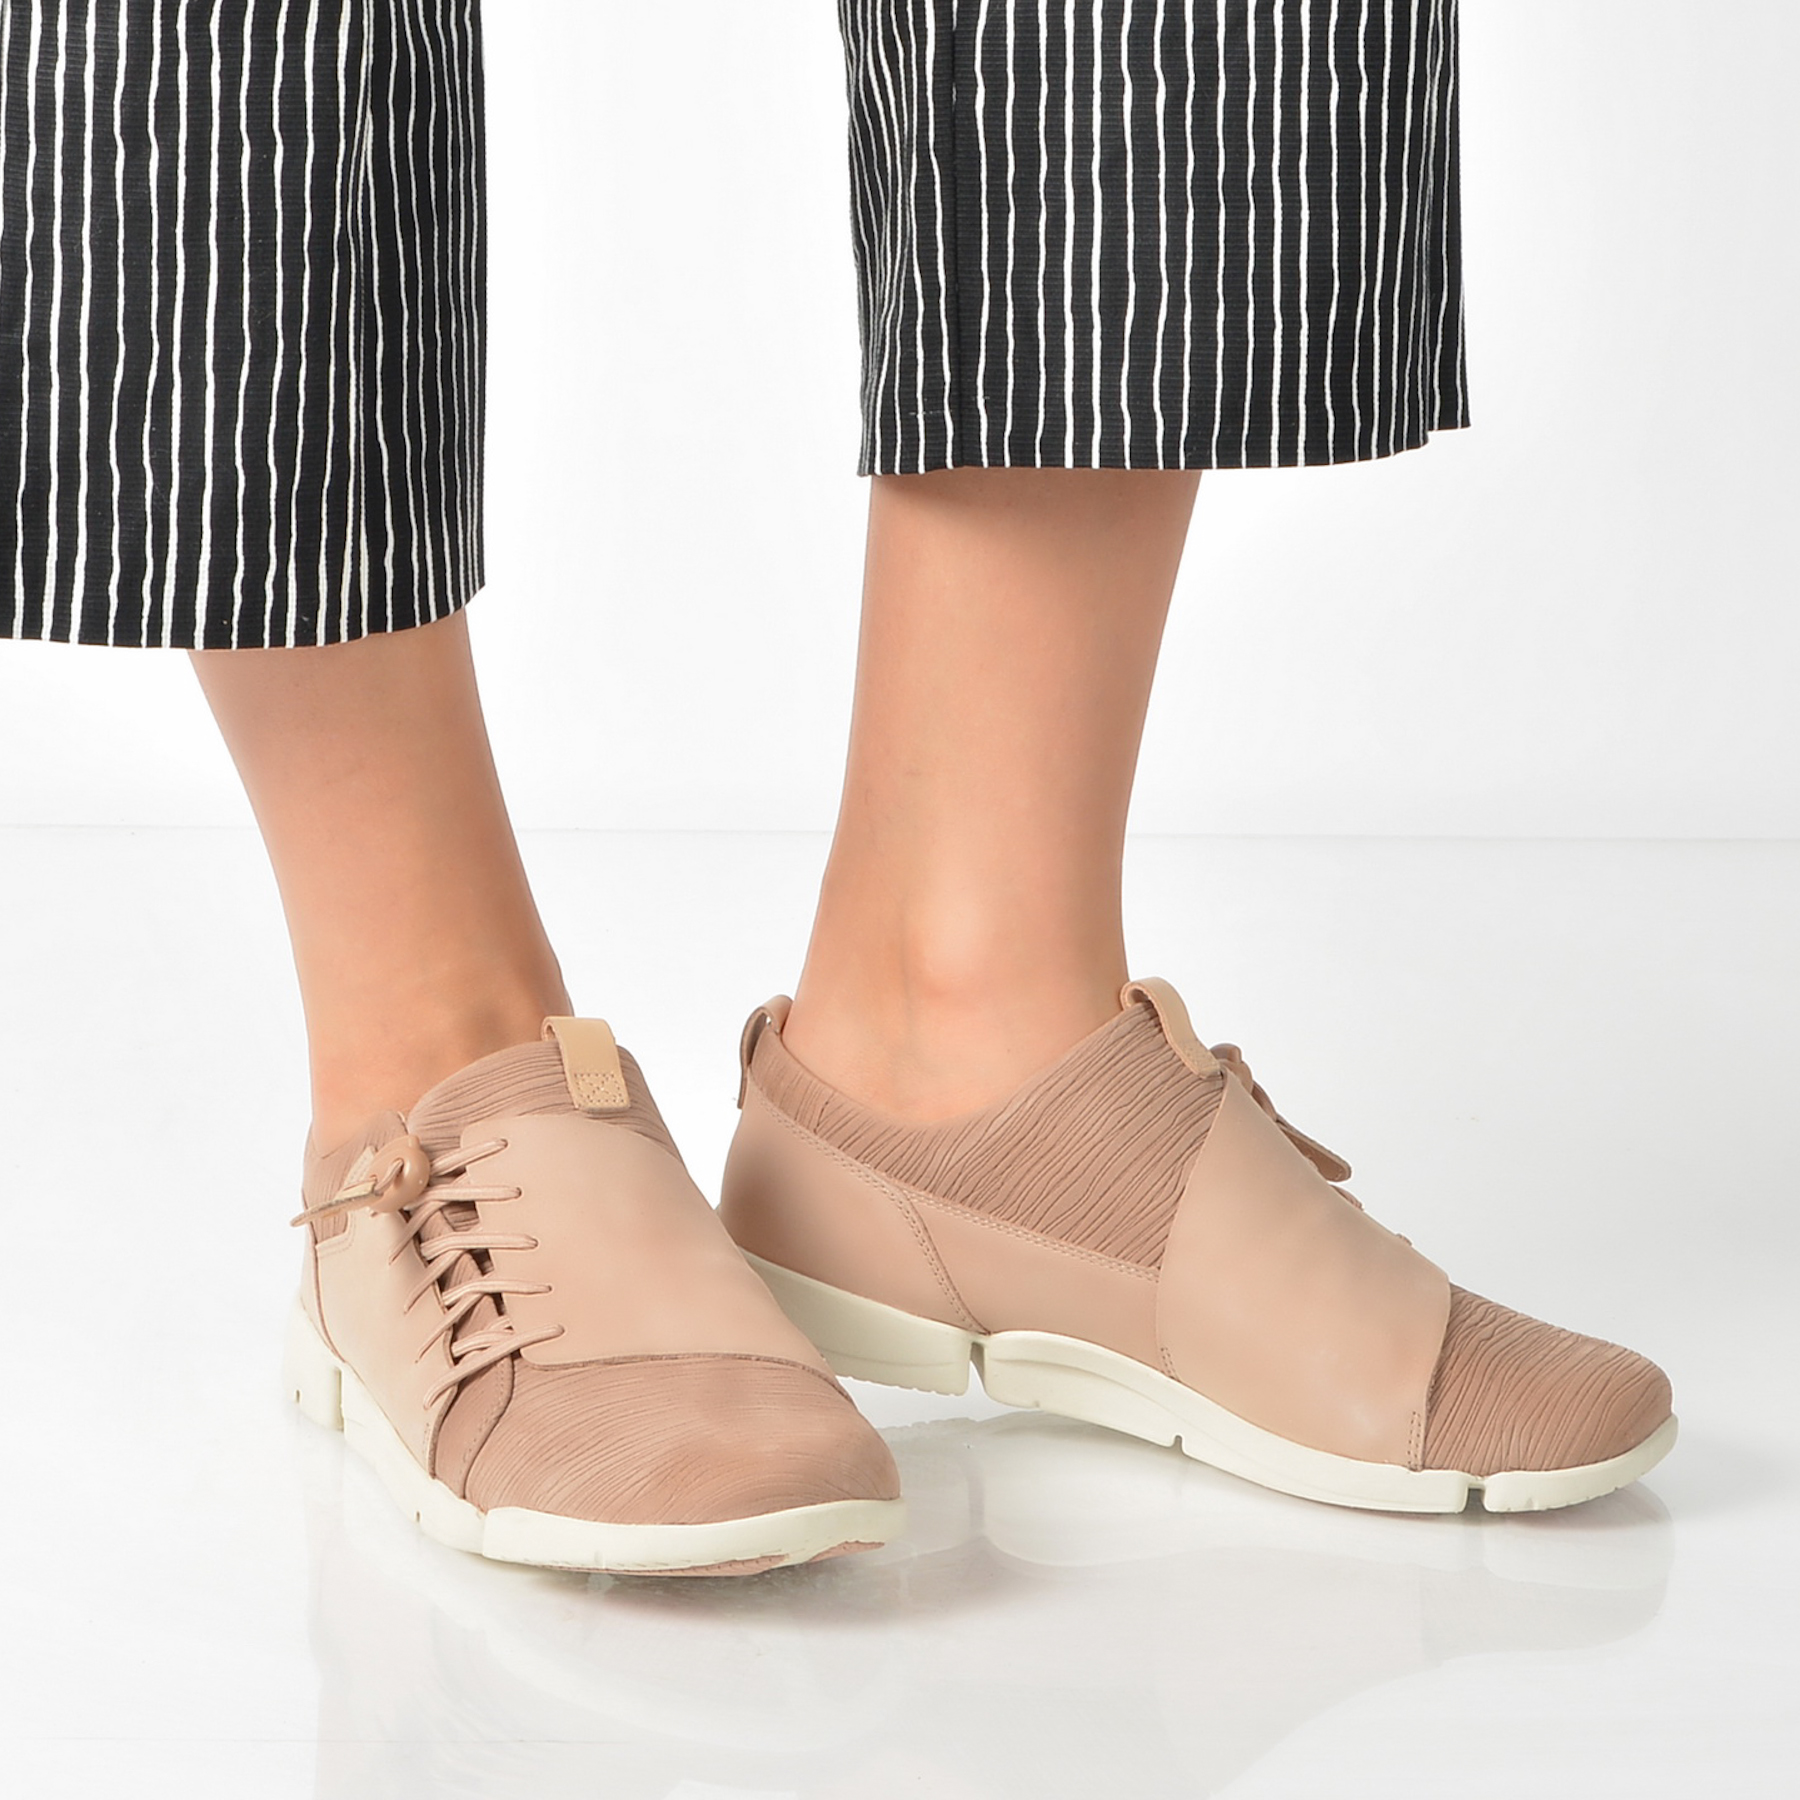 Pantofi Clarks Roz, 6131761, Din Nabuc